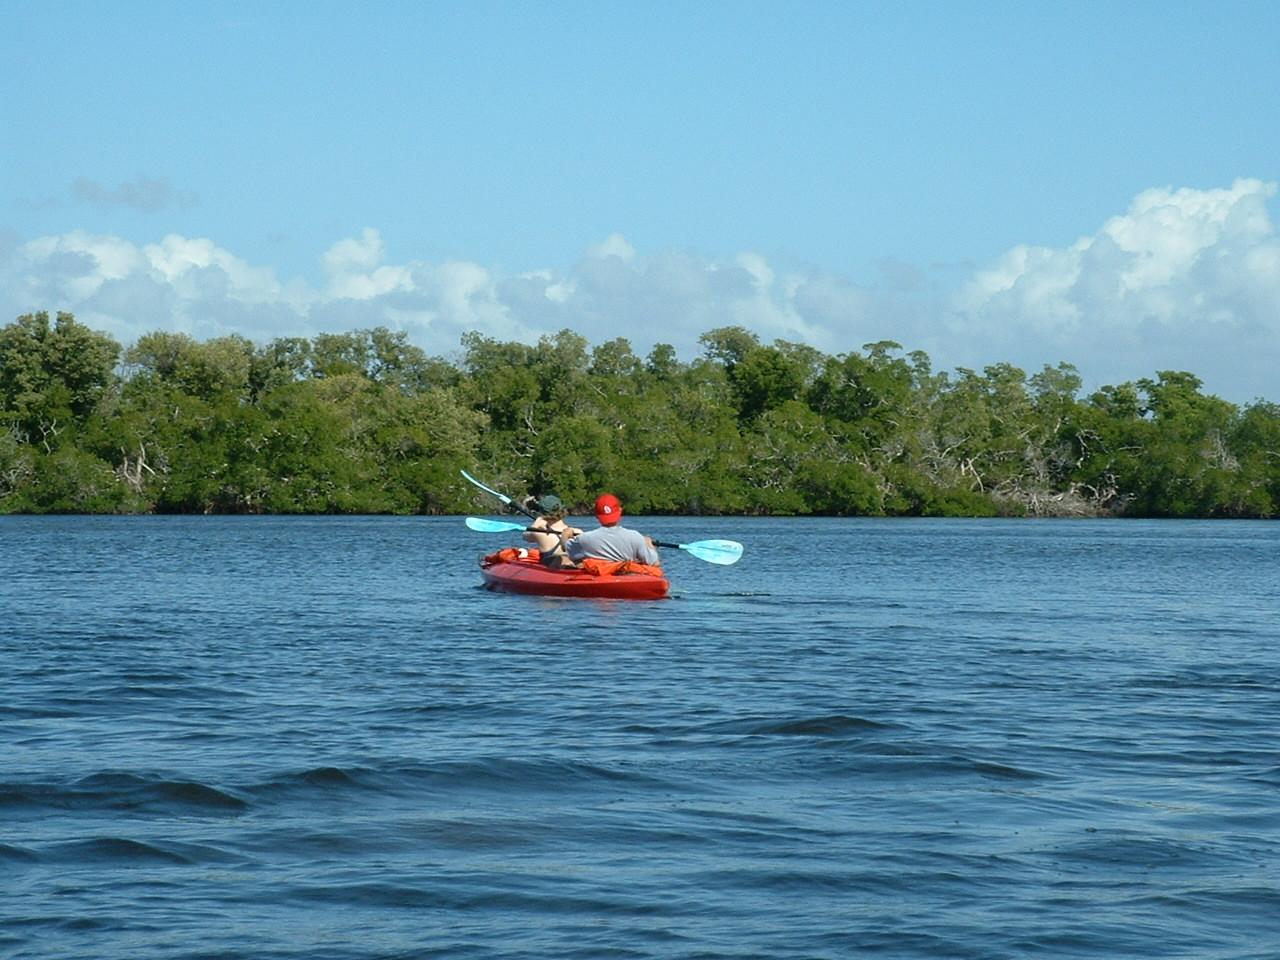 Kayaking Bonita Springs - Island Coast Transportation